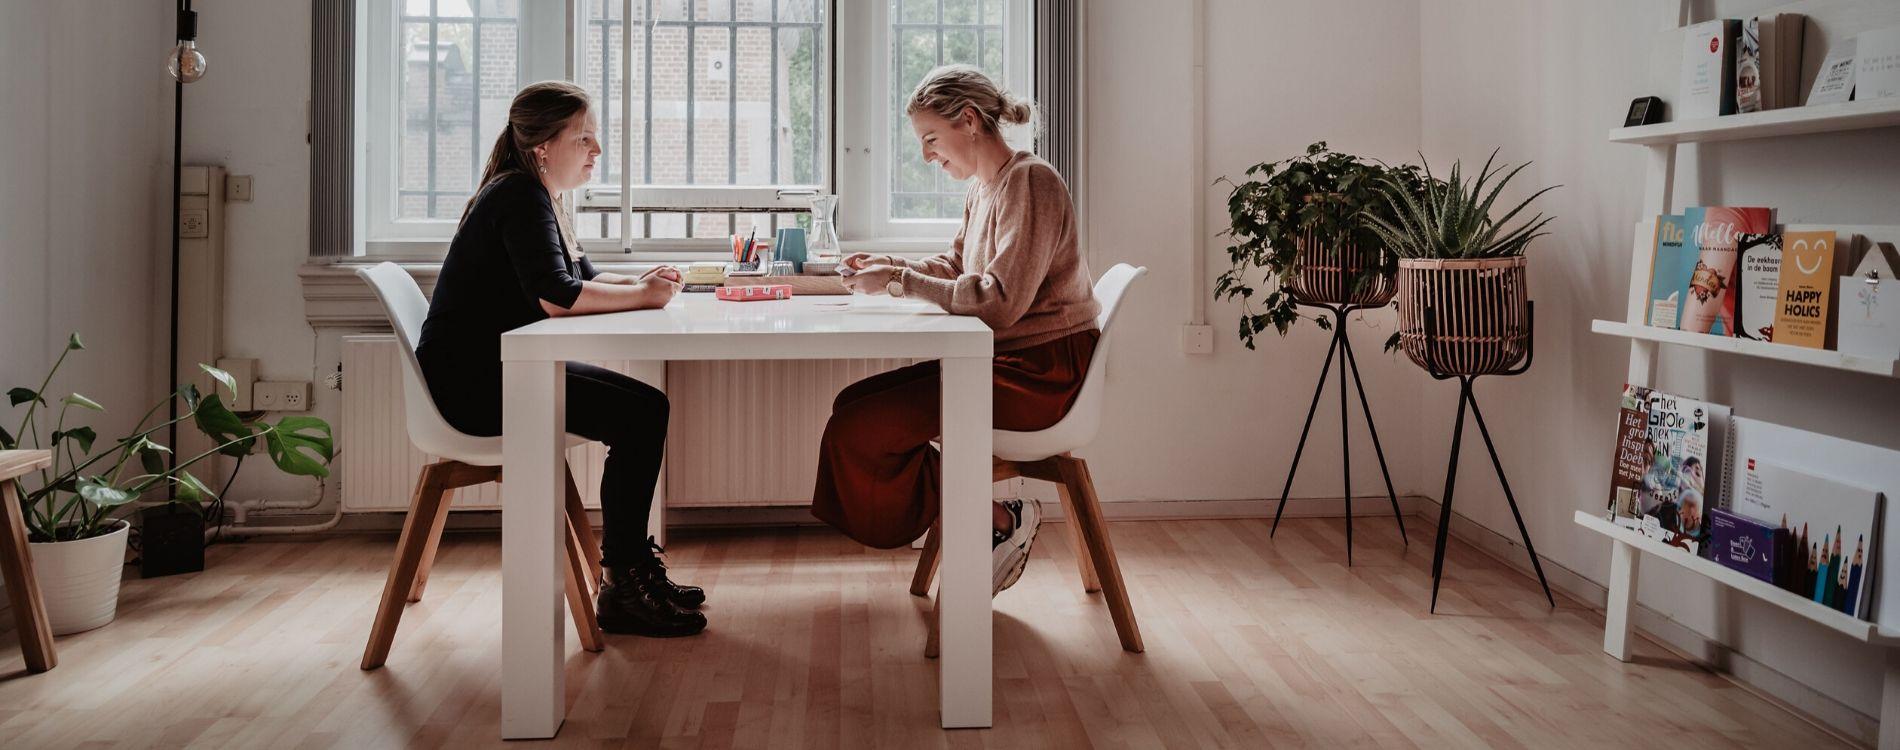 In Breda aan de slag met de Beroepenschatkist voor snel inzicht en resultaat